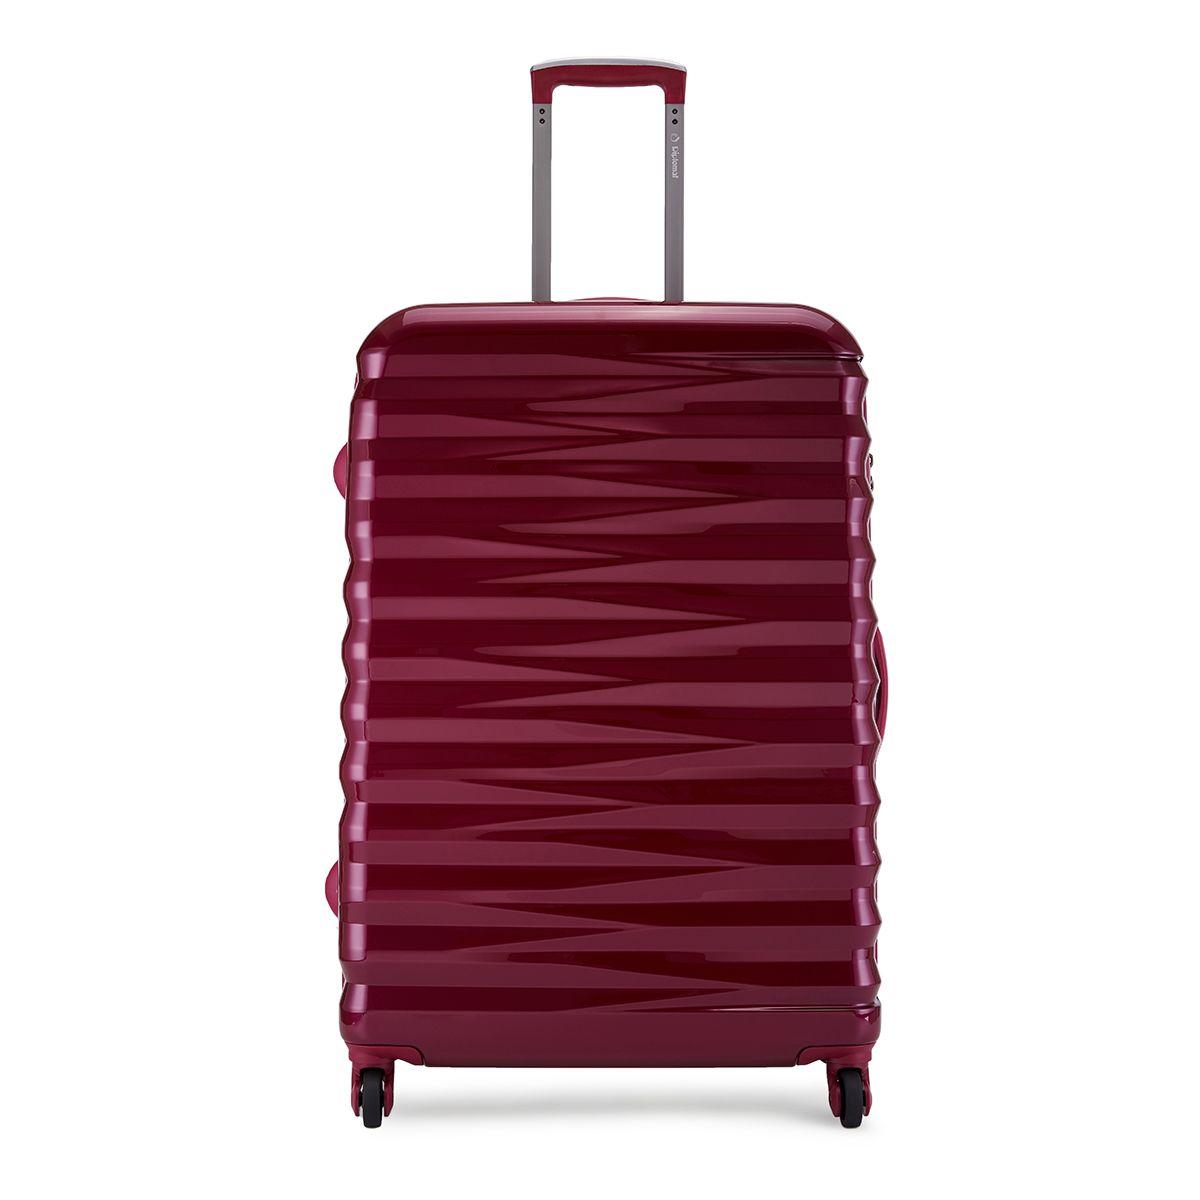 外交官拉杆箱TC-16272 19寸玫红色【QC】